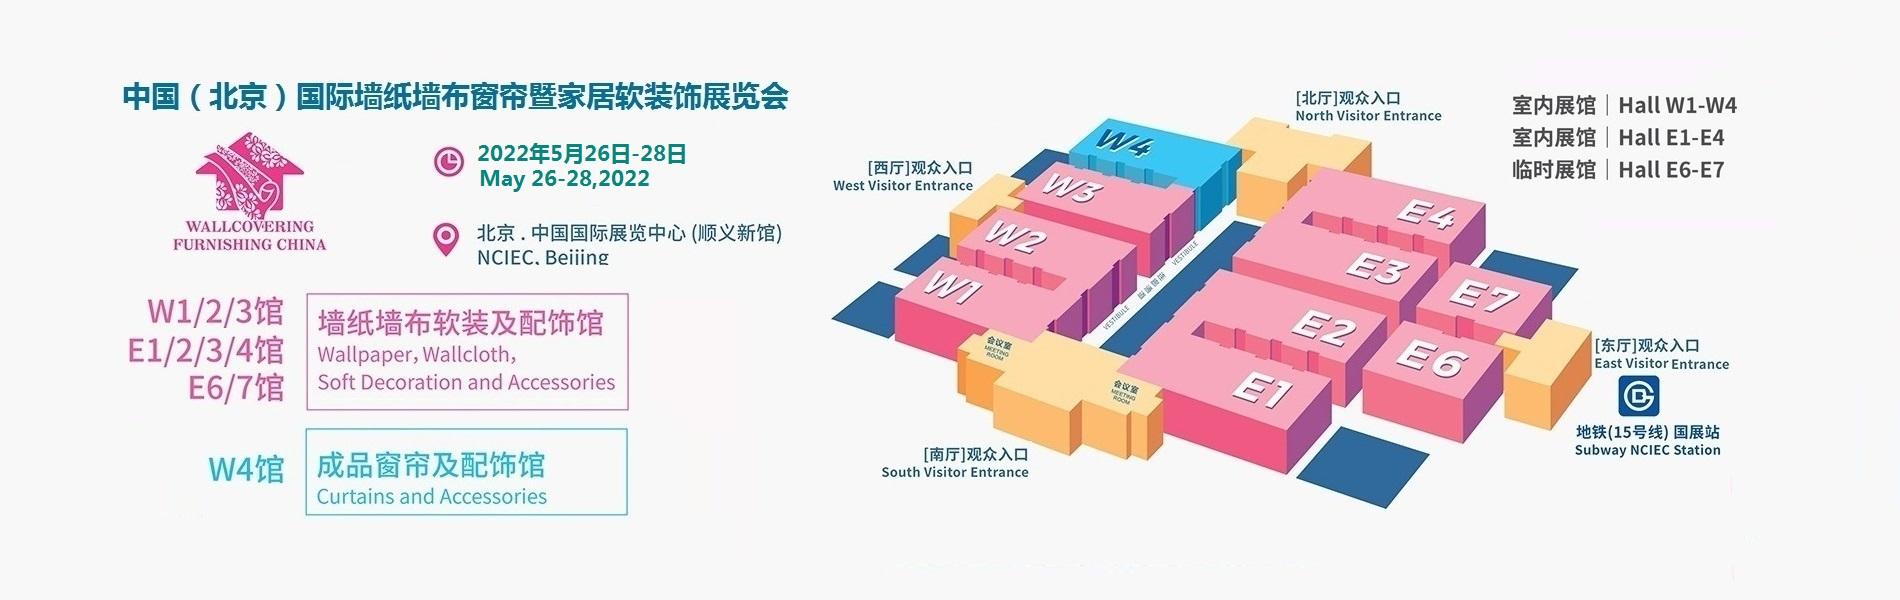 北京墙纸展-首页-4